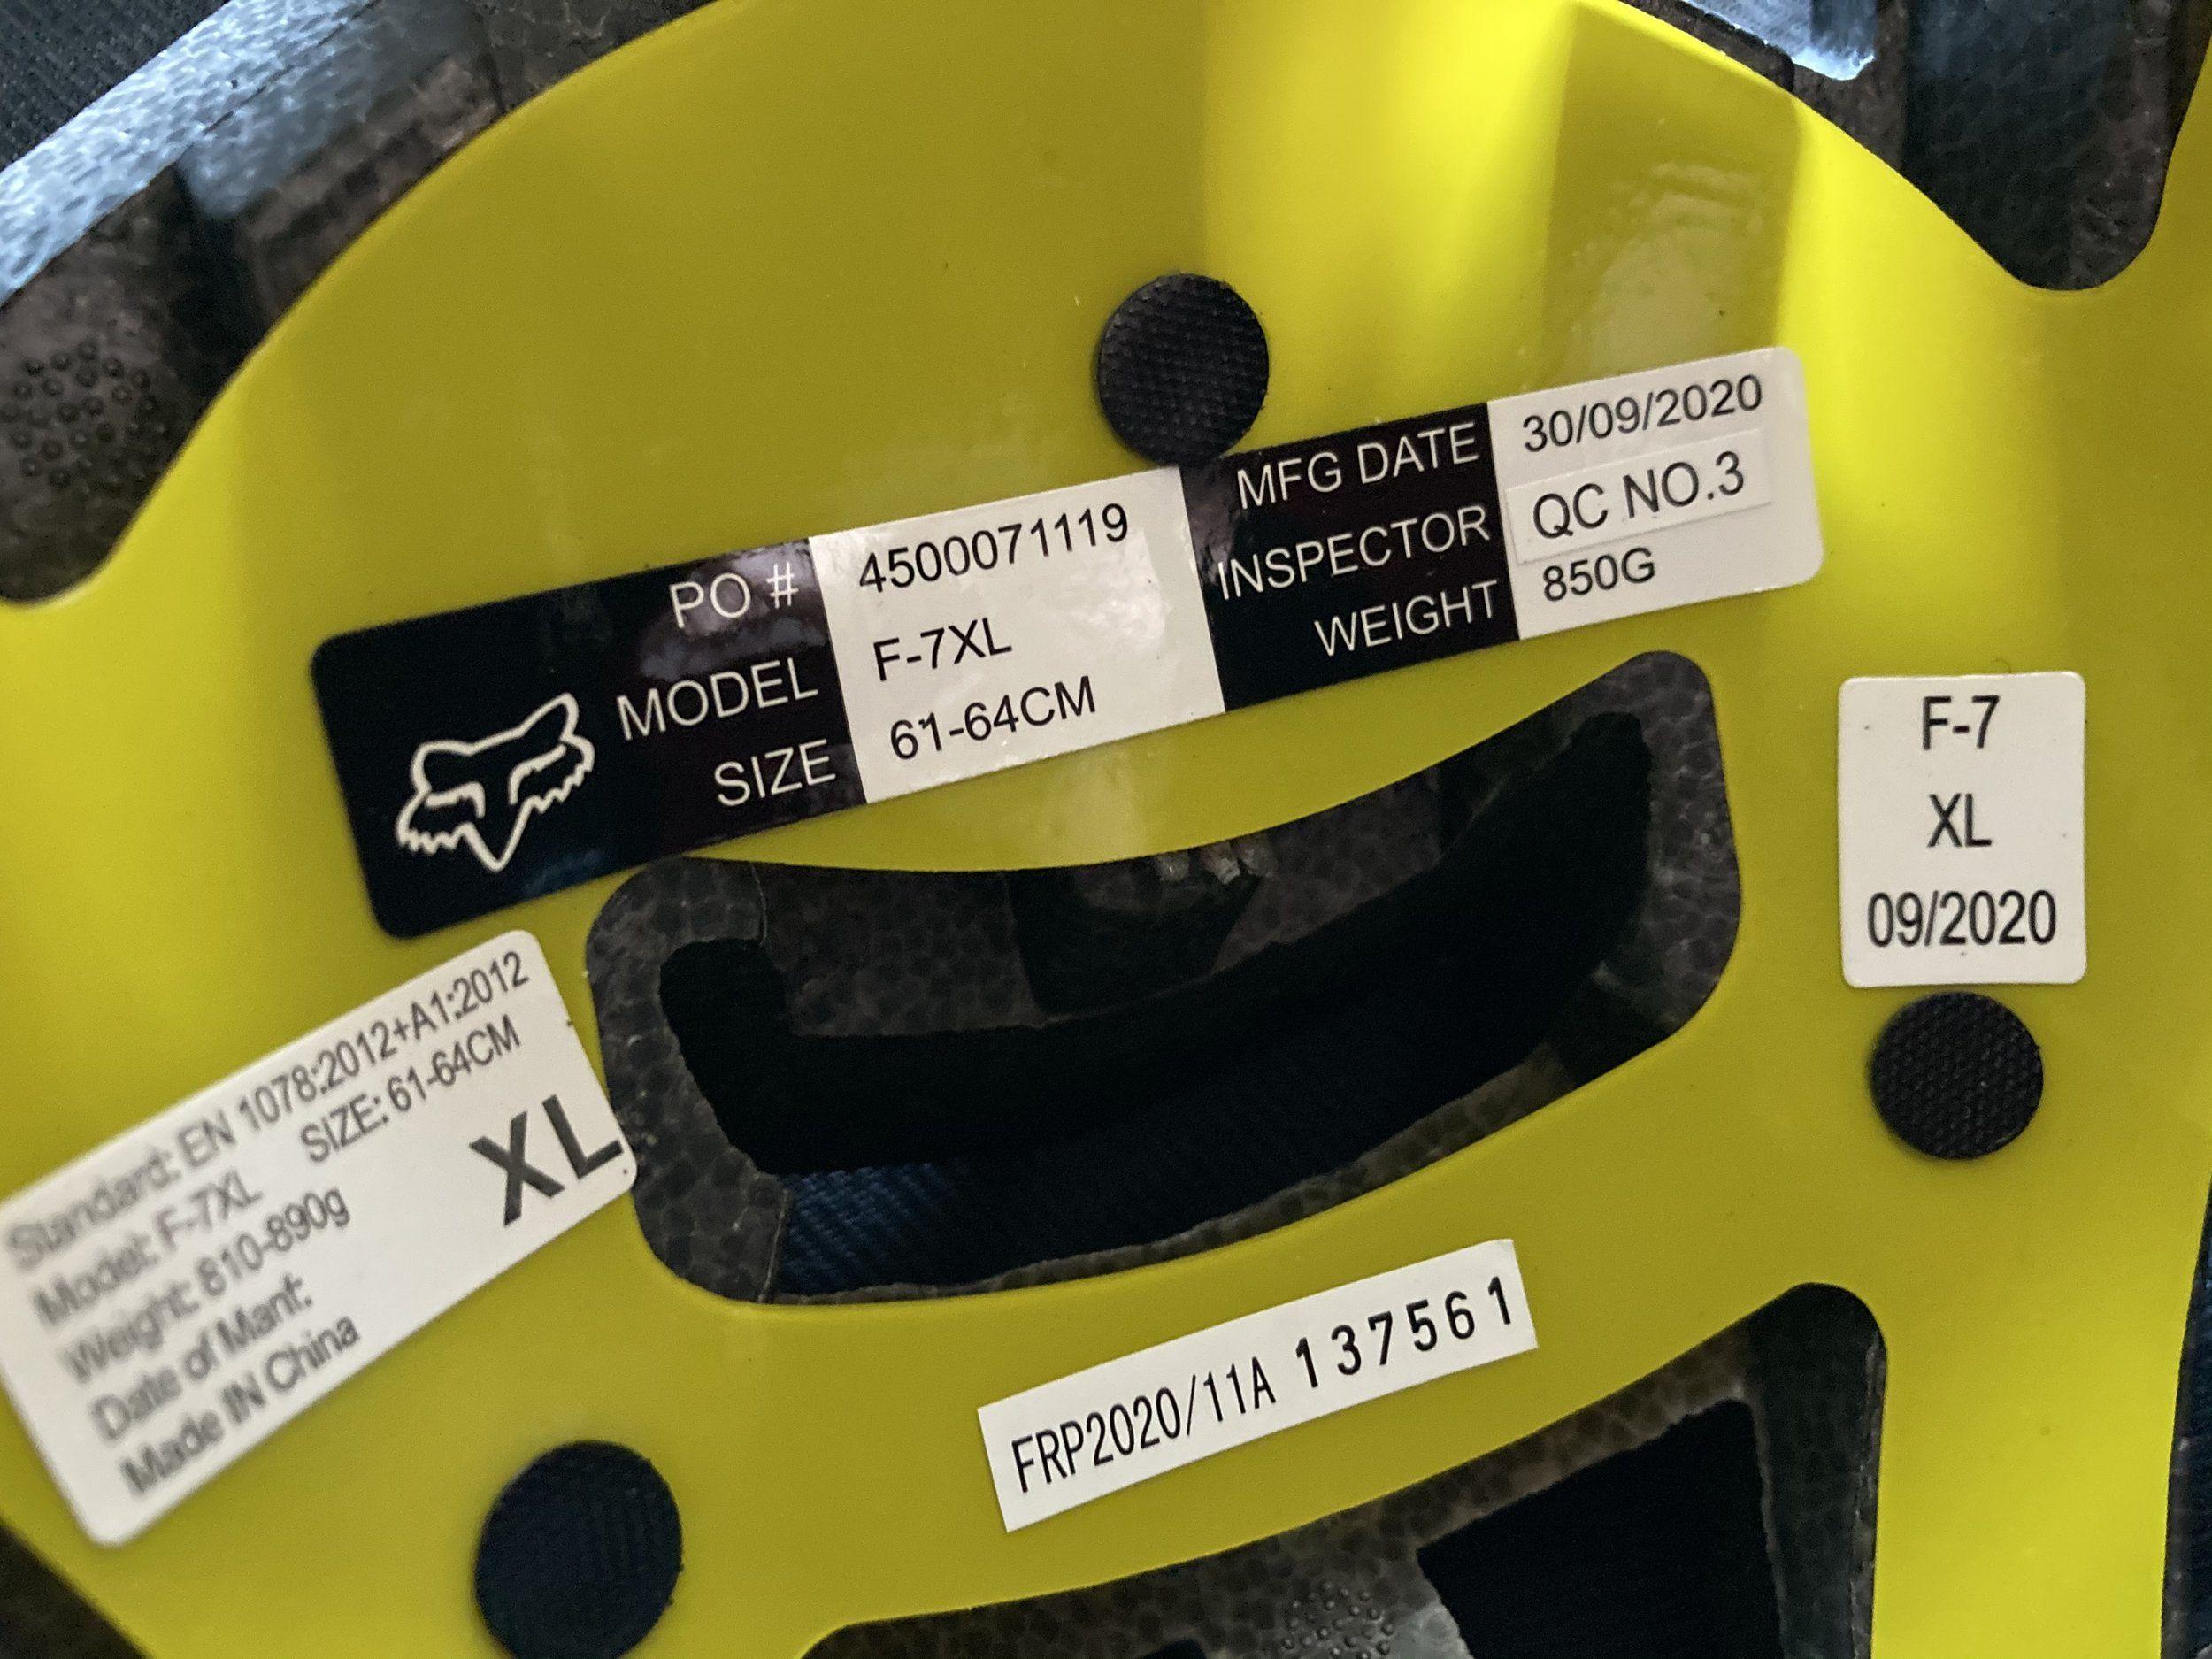 927D2439-09A7-4601-BF3E-57DD707869A9.jpeg